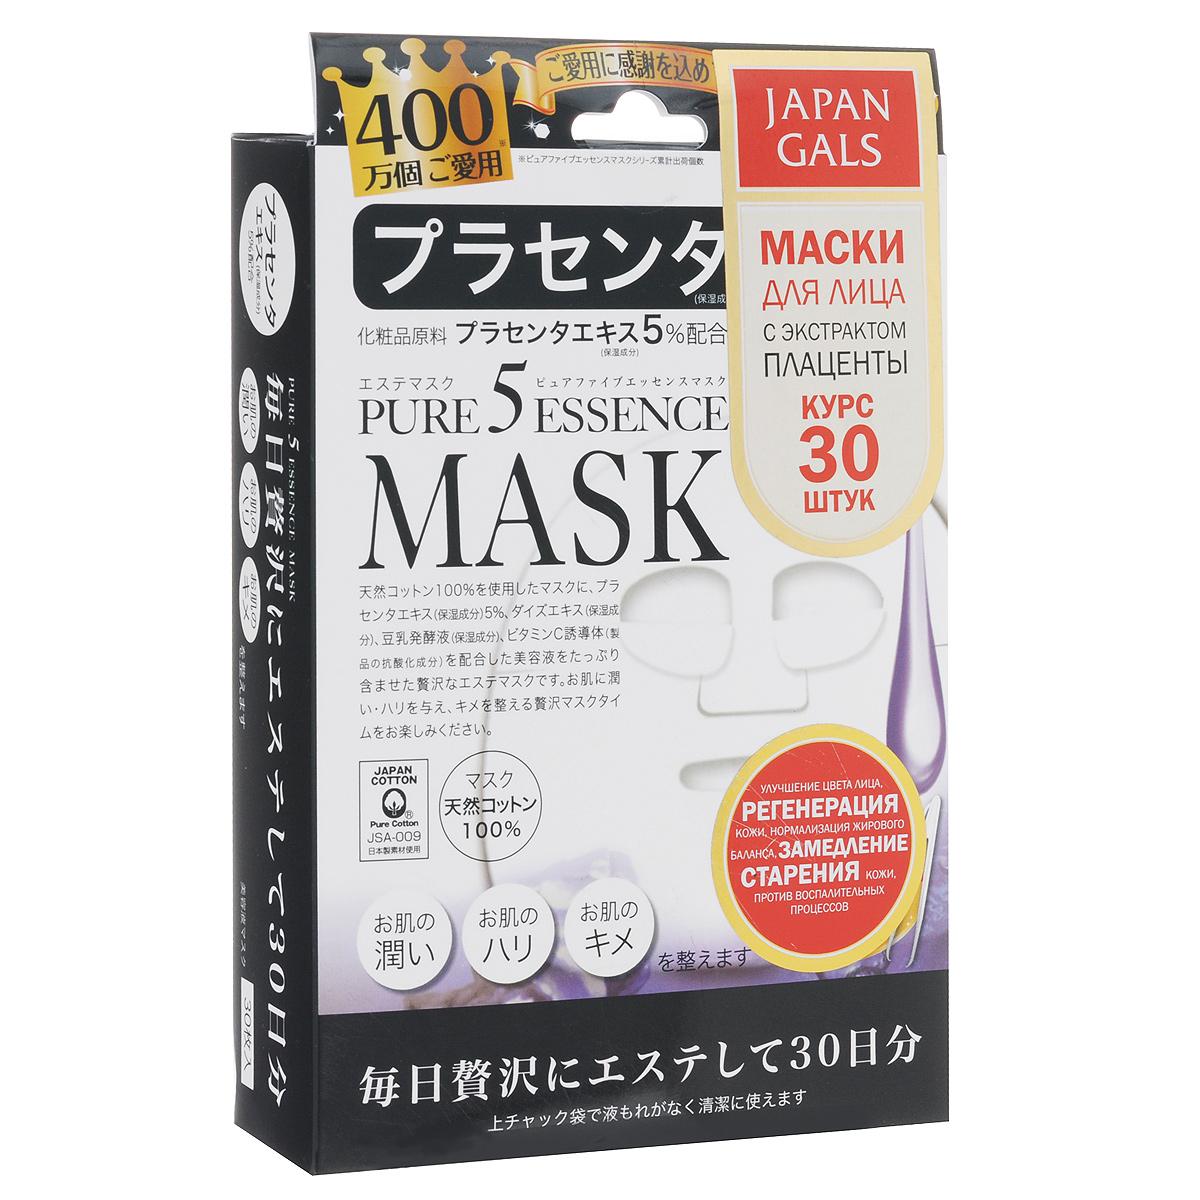 Japan Gals Маска для лица Pure5 Essential Placenta, с экстрактом плаценты, 30 шт29AM21,6587В экстракте плаценты содержится огромное количество элементов, необходимых коже. Обладает отбеливающими свойствами и приостанавливает процесс старения. Один из главных компонентов антивозрастной косметики. Также в состав входит экстракт сои, ферментированное соевое молоко (увлажнение), витамин С (природный антиоксидант), что делает маску по-настоящему люксовым средством для ухода за кожей. Маска глубоко увлажняет, возвращает упругость и выравнивает текстуру кожи.Экстракт плаценты — уникальный природный комплекс, содержащий белки, нуклеиновые кислоты, полисахариды, липиды, ферменты, аминокислоты, ненасыщенные жирные кислоты, витамины и микроэлементы. Благодаря экстракту плаценты стимулируется периферический кровоток. Это позволяет улучшить кровоснабжение кожи, из нее выводятся токсины, активизируется клеточное дыхание, улучшается метаболизм. Экстракт плаценты позволяет поднять меланин из глубоких слоев на поверхность кожи, откуда он удаляется при отшелушивании вместе с кератином. Выжимка из плаценты снимает воспаление, полученное от длительного воздействия солнечных лучей. Товар сертифицирован.